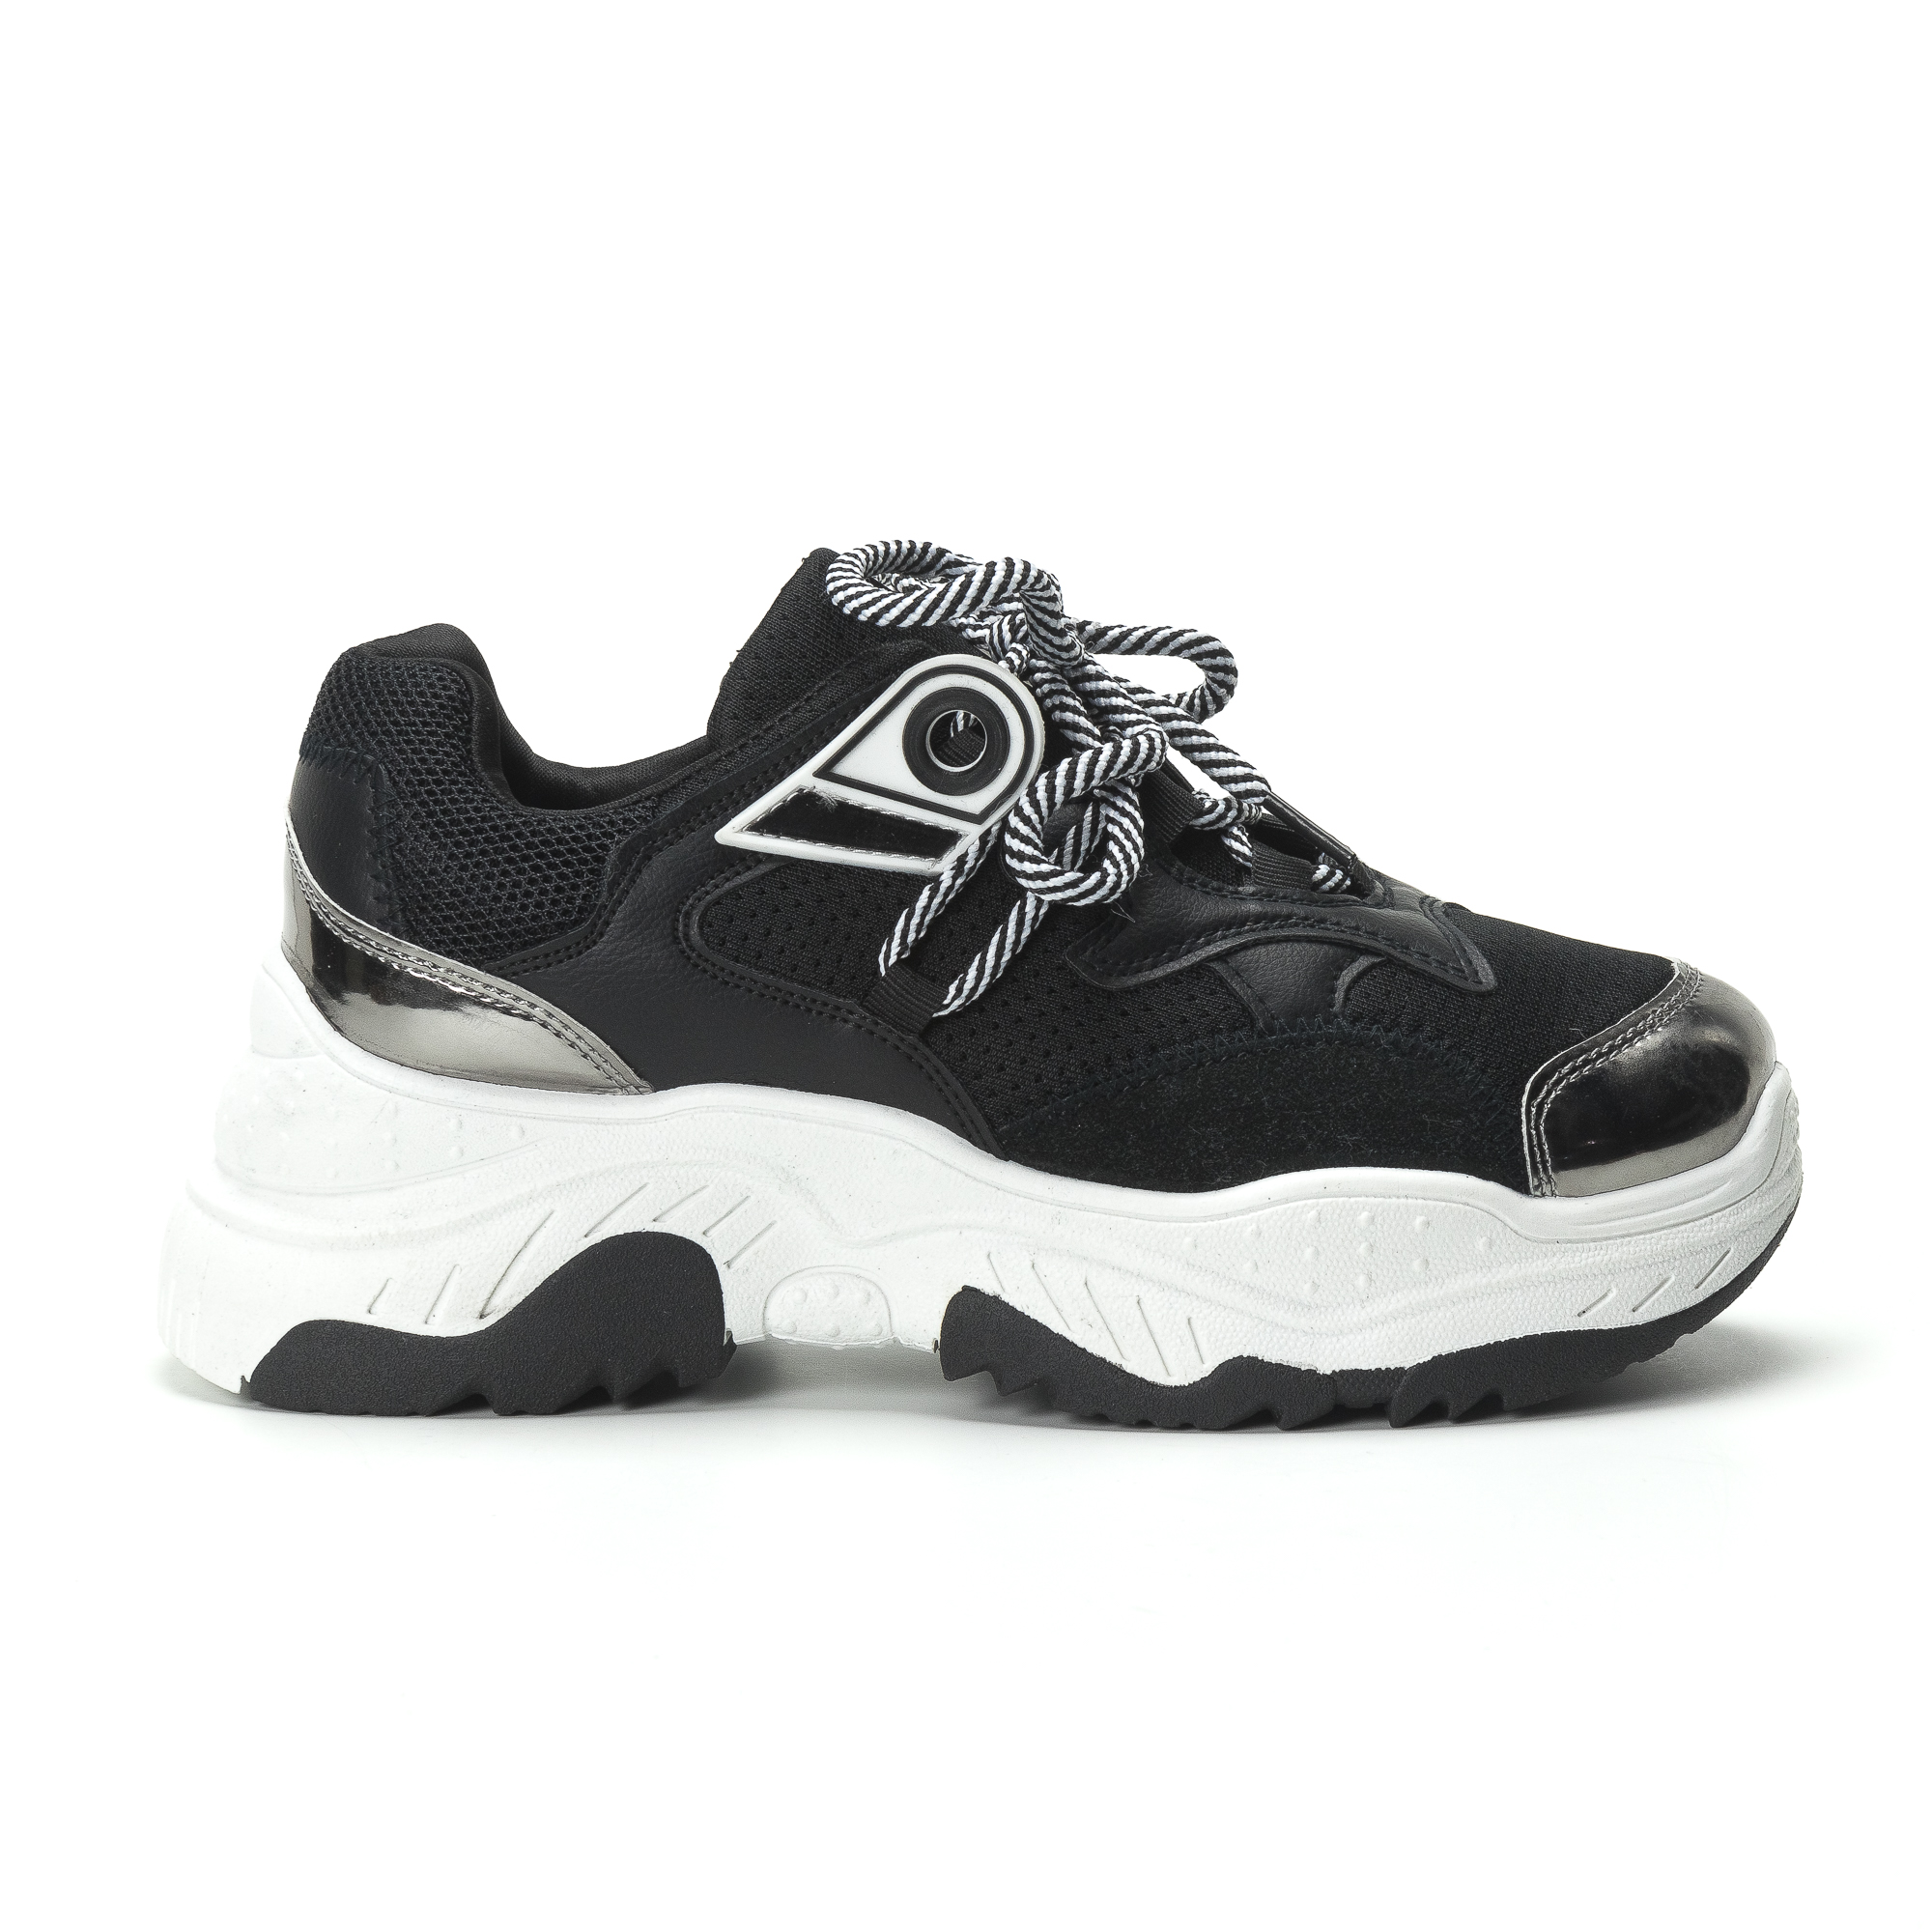 9447c64cd8d Γυναικεία Παπούτσια ⋆ EliteShoes.gr ⋆ Page 97 of 652